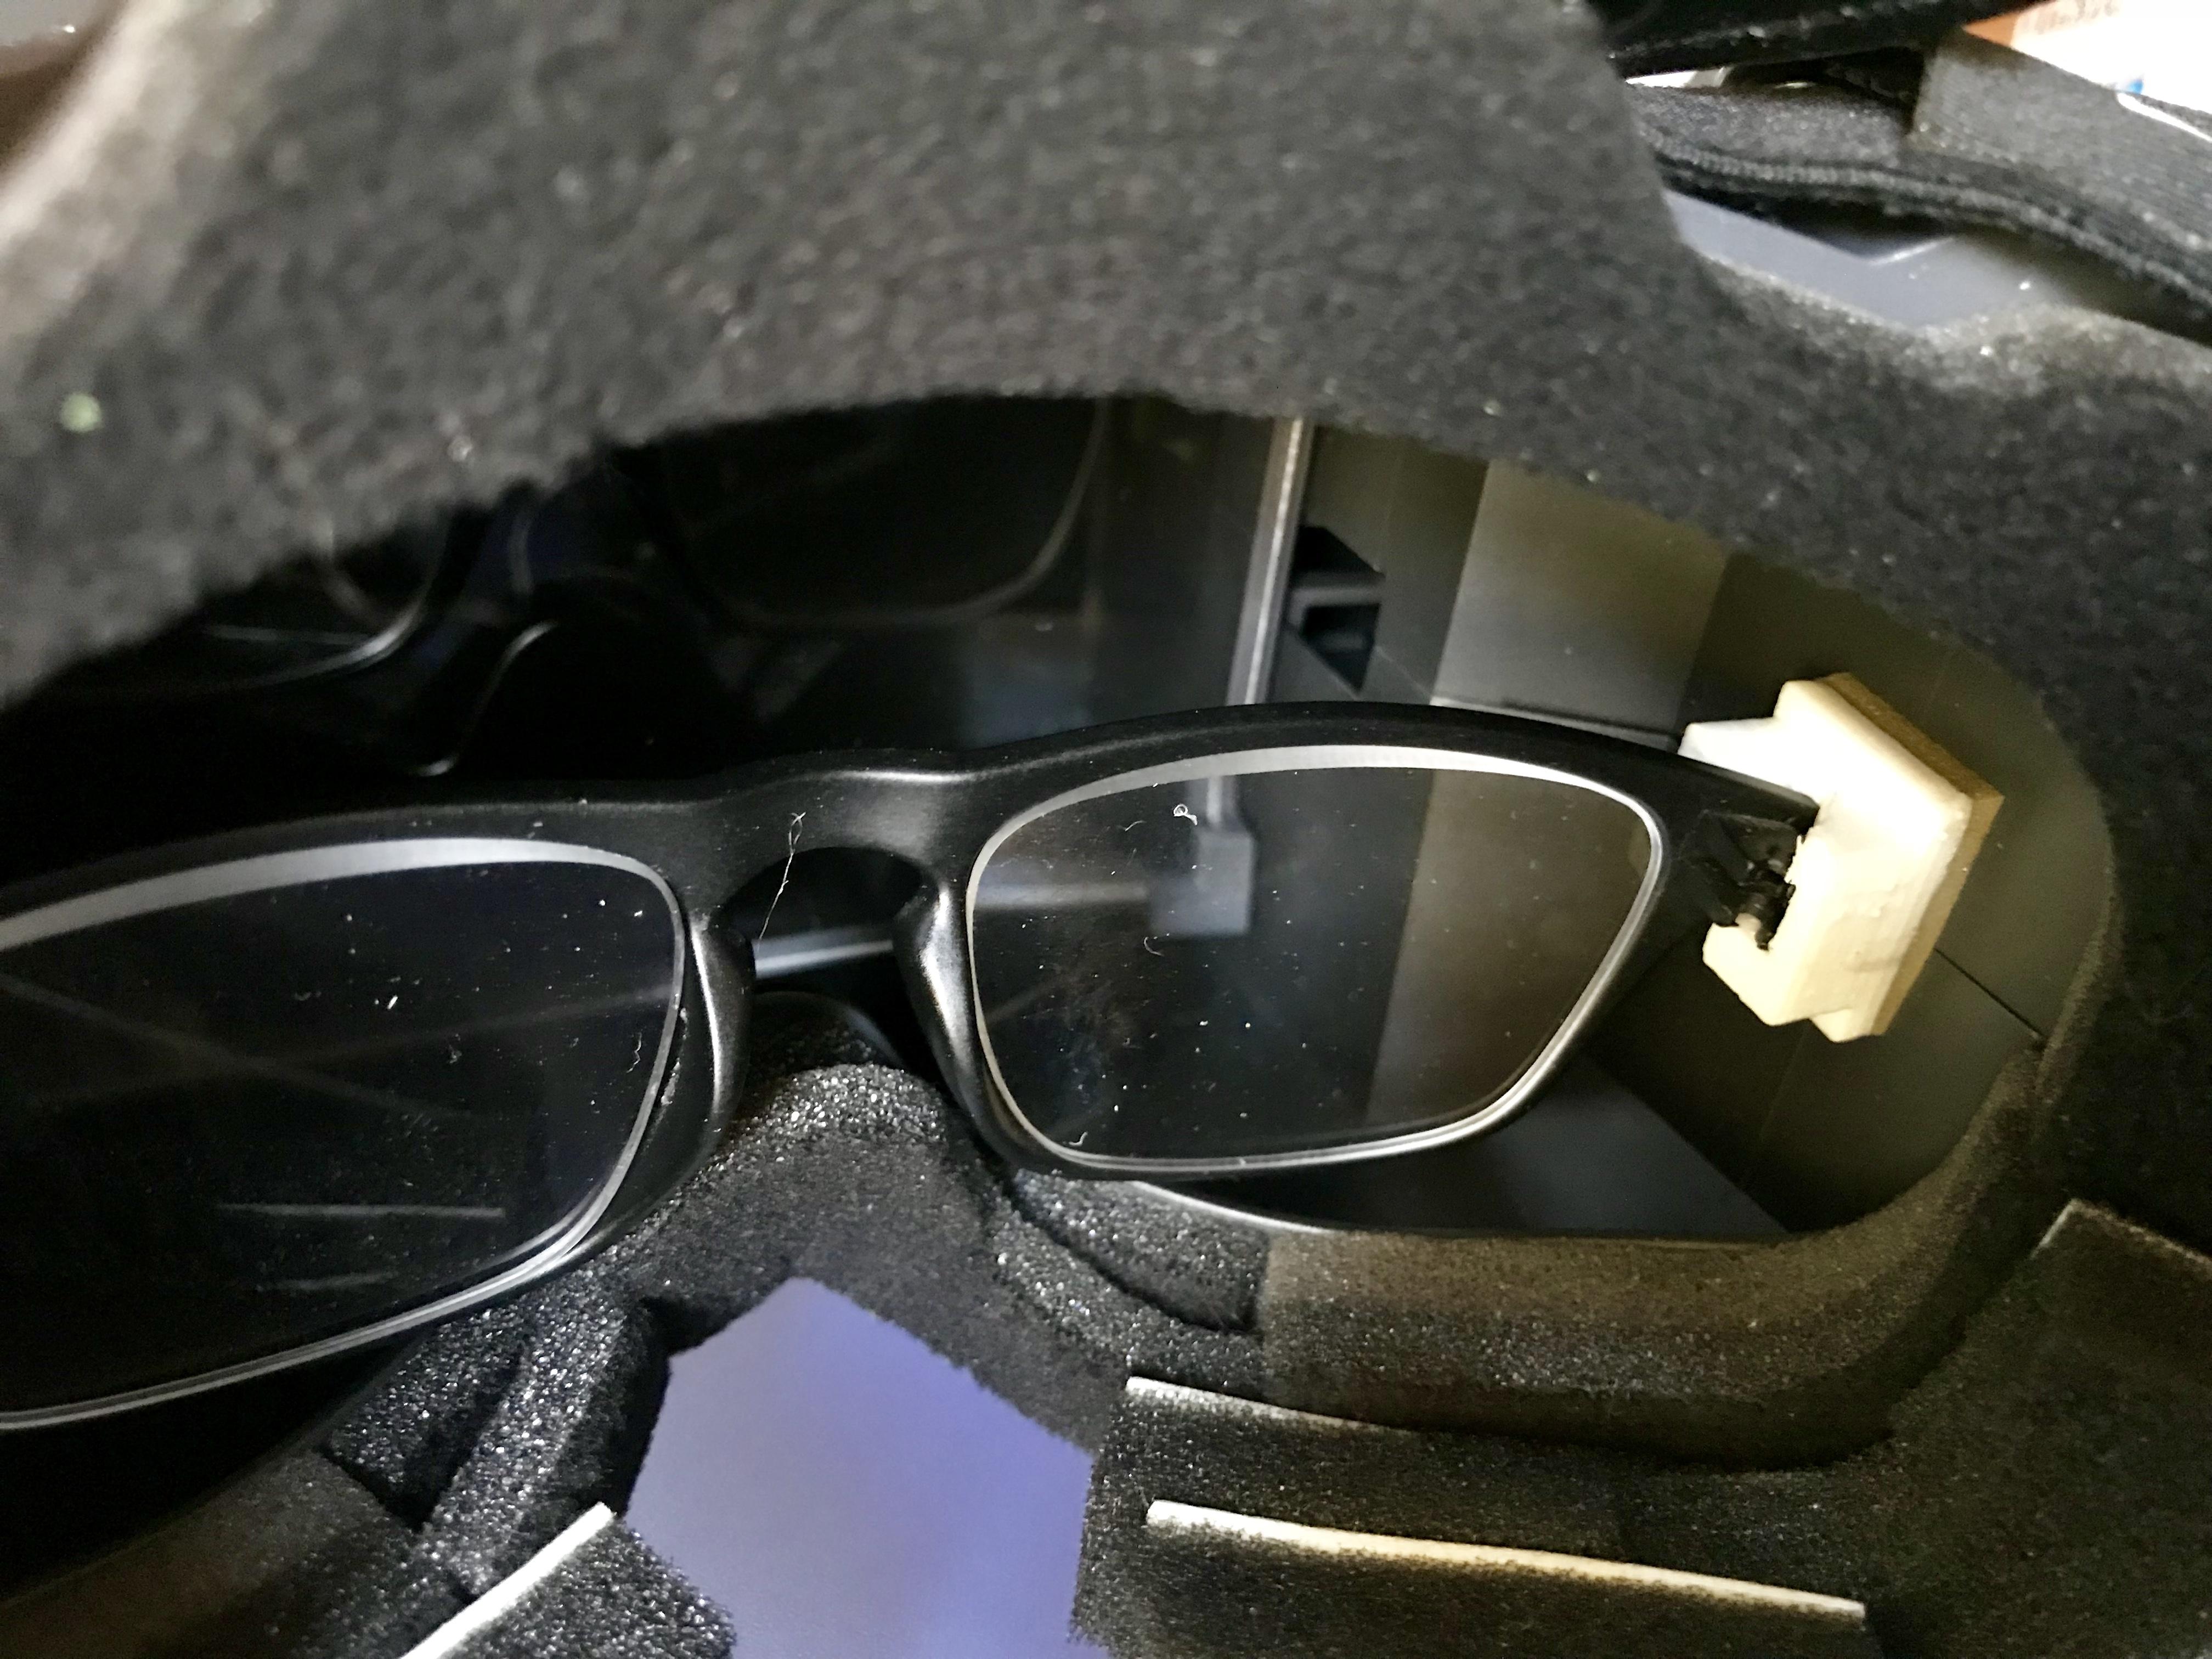 IMG_4746-FullSizeRender.JPG Download free OBJ file Soporte para gafas para el Quanum Cyclops (Y similares) y otros accesorios • 3D printer model, PaulDrones